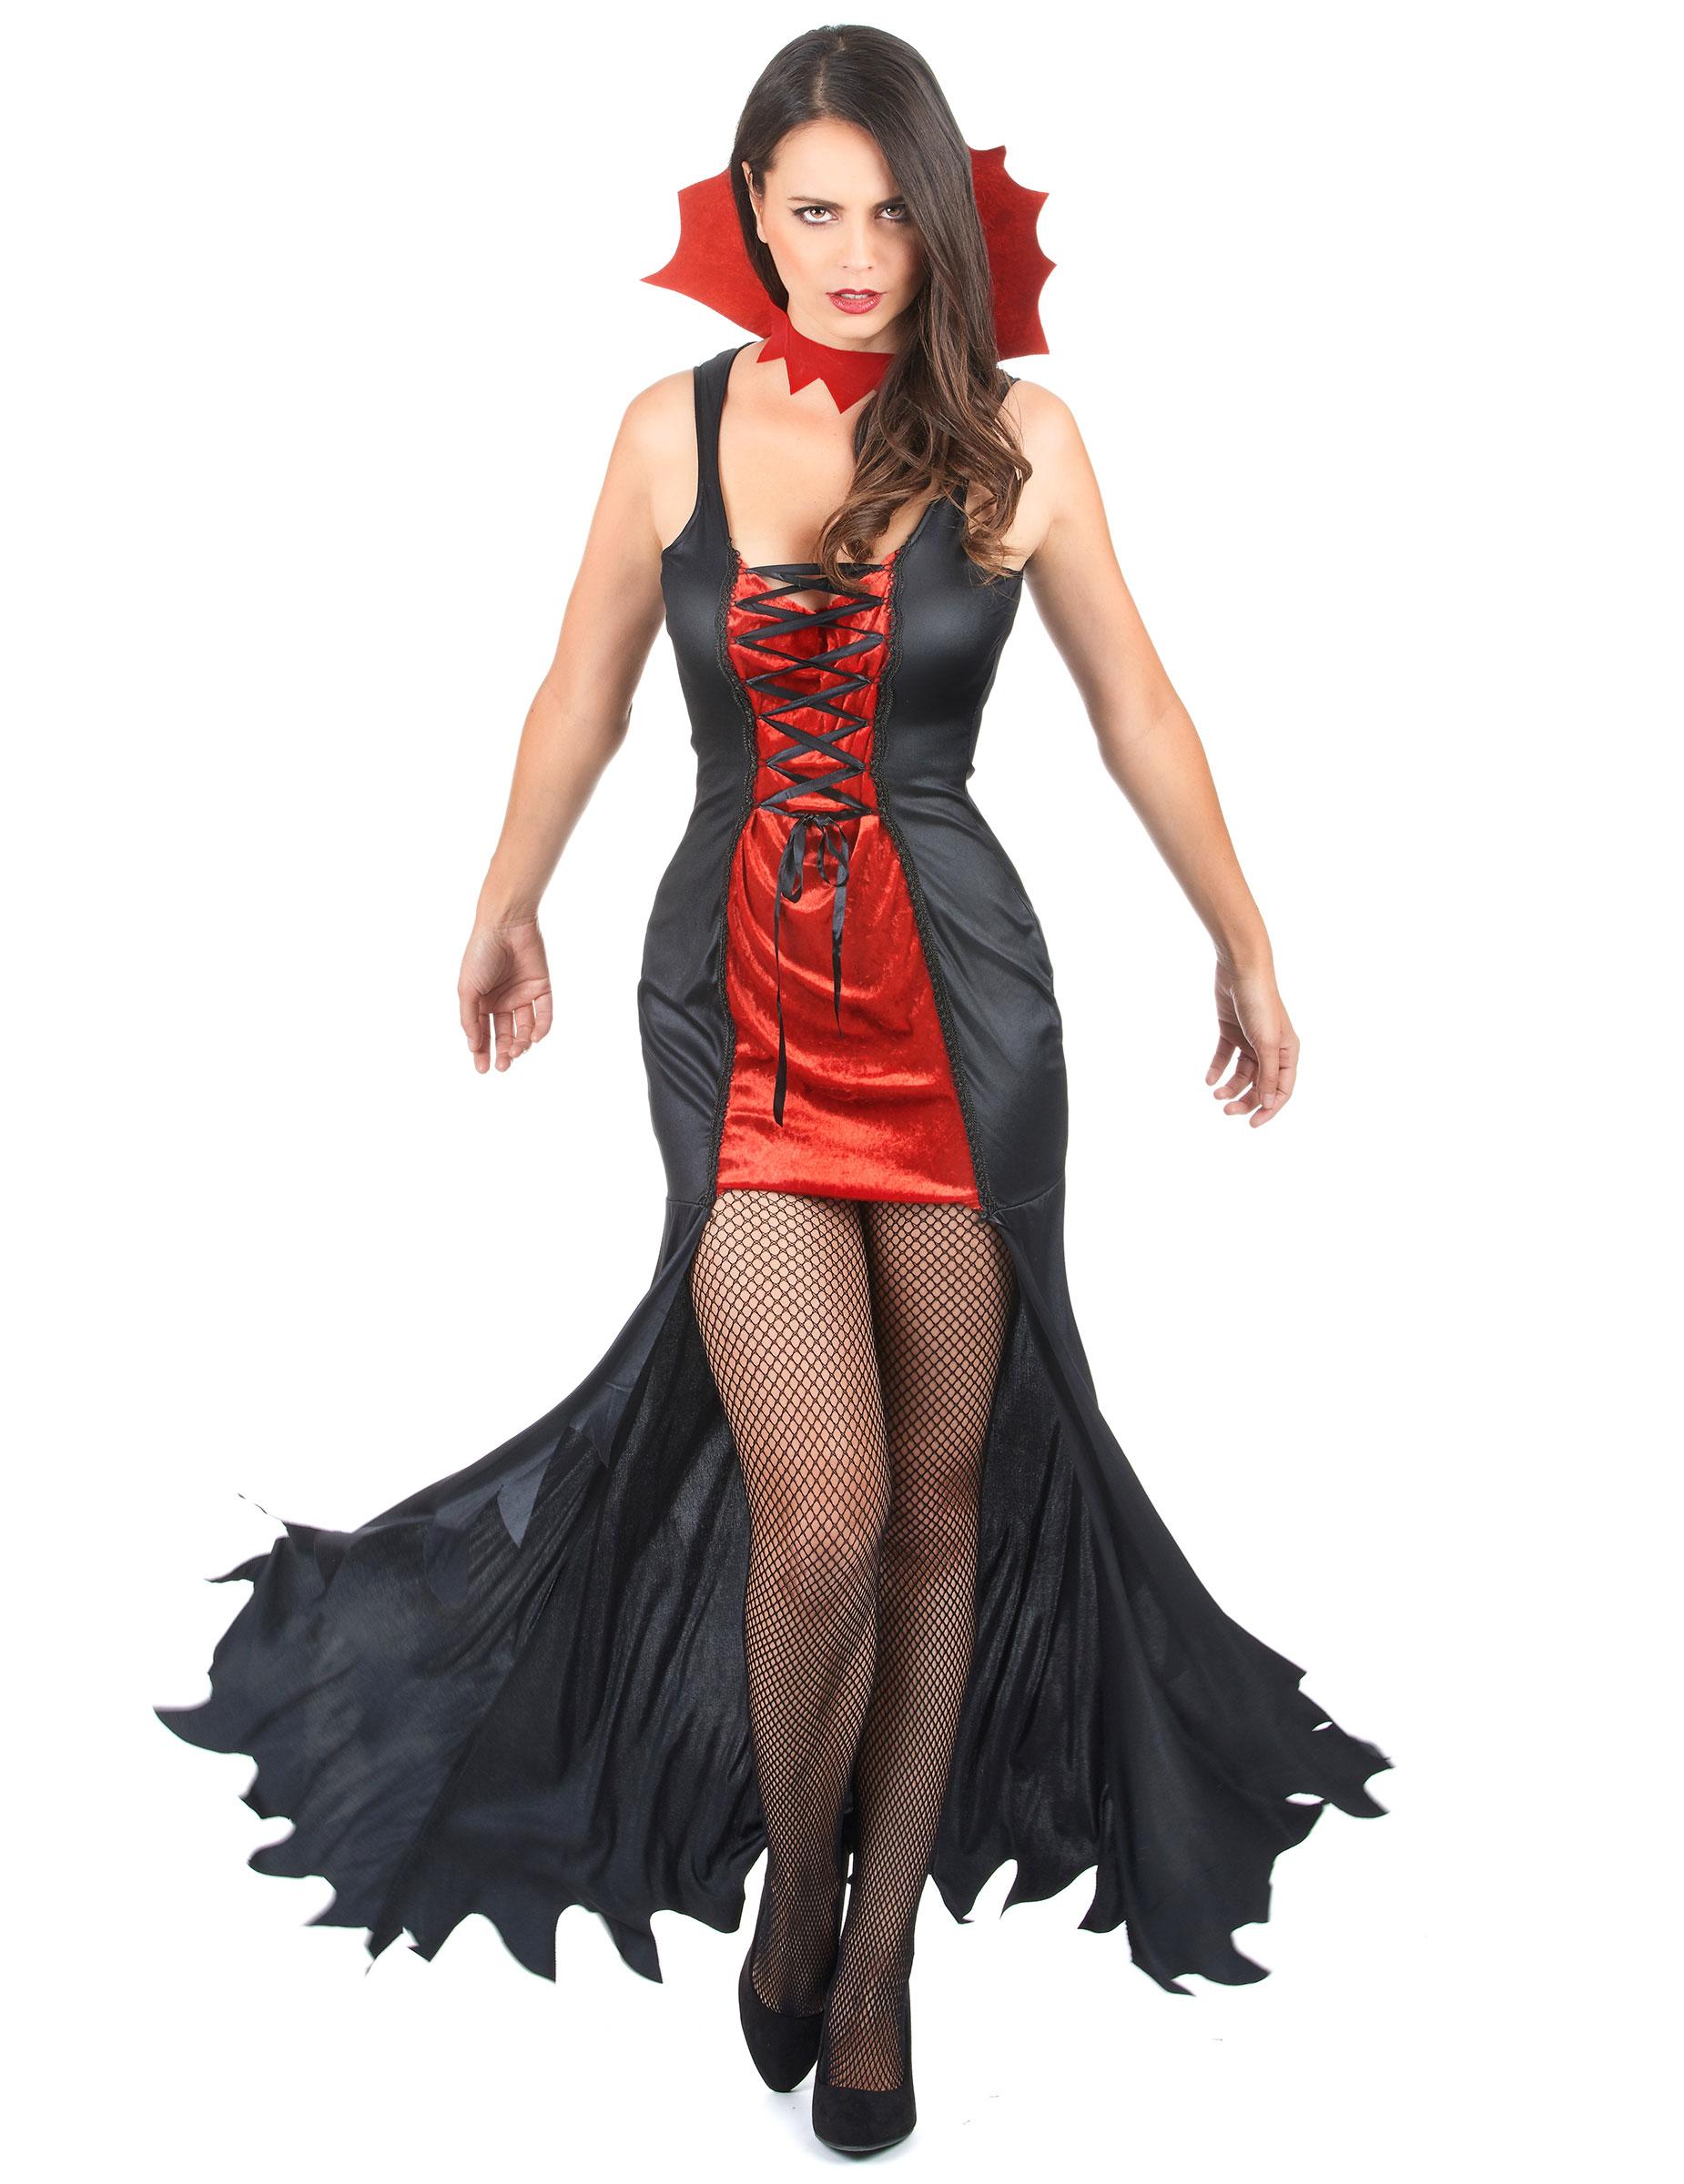 Costume da vampiro di Halloween per donna su VegaooParty 9ee341b2b3e2